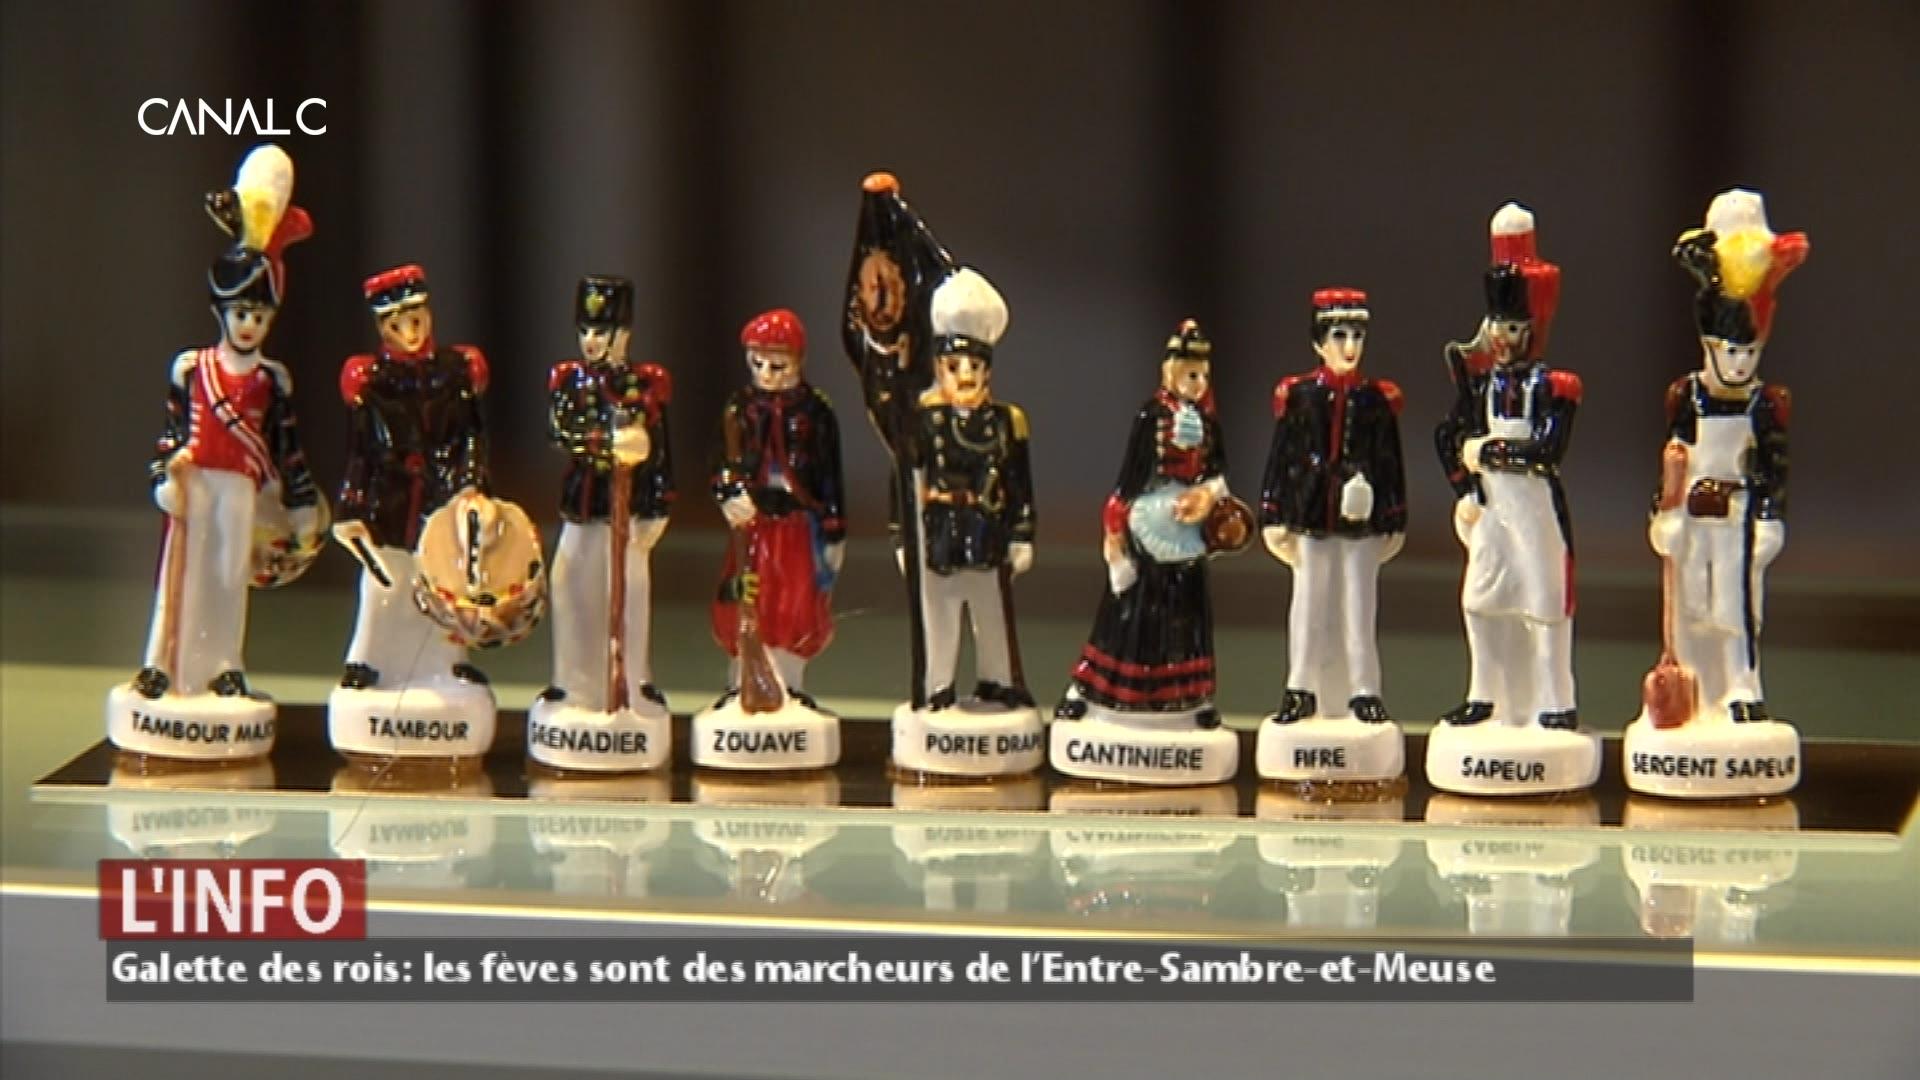 Des marcheurs de l'Entre-Sambre-et-Meuse dans la galette des rois !